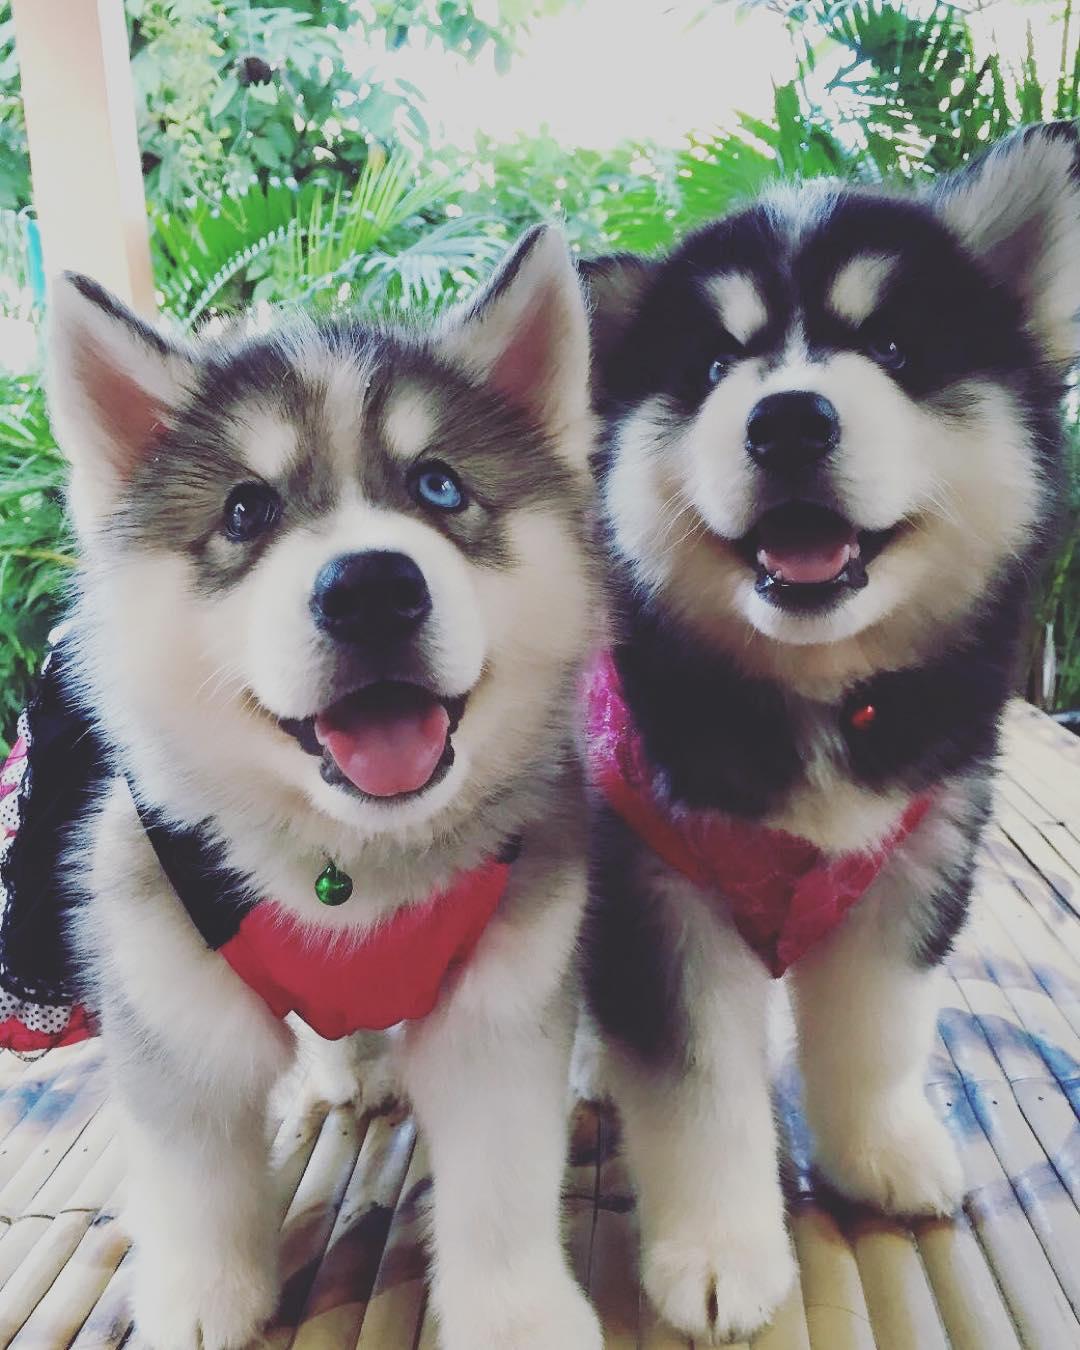 Chó Husky bao nhiêu tháng tuổi hoàn toàn có thể cho sinh sản lần đầu?